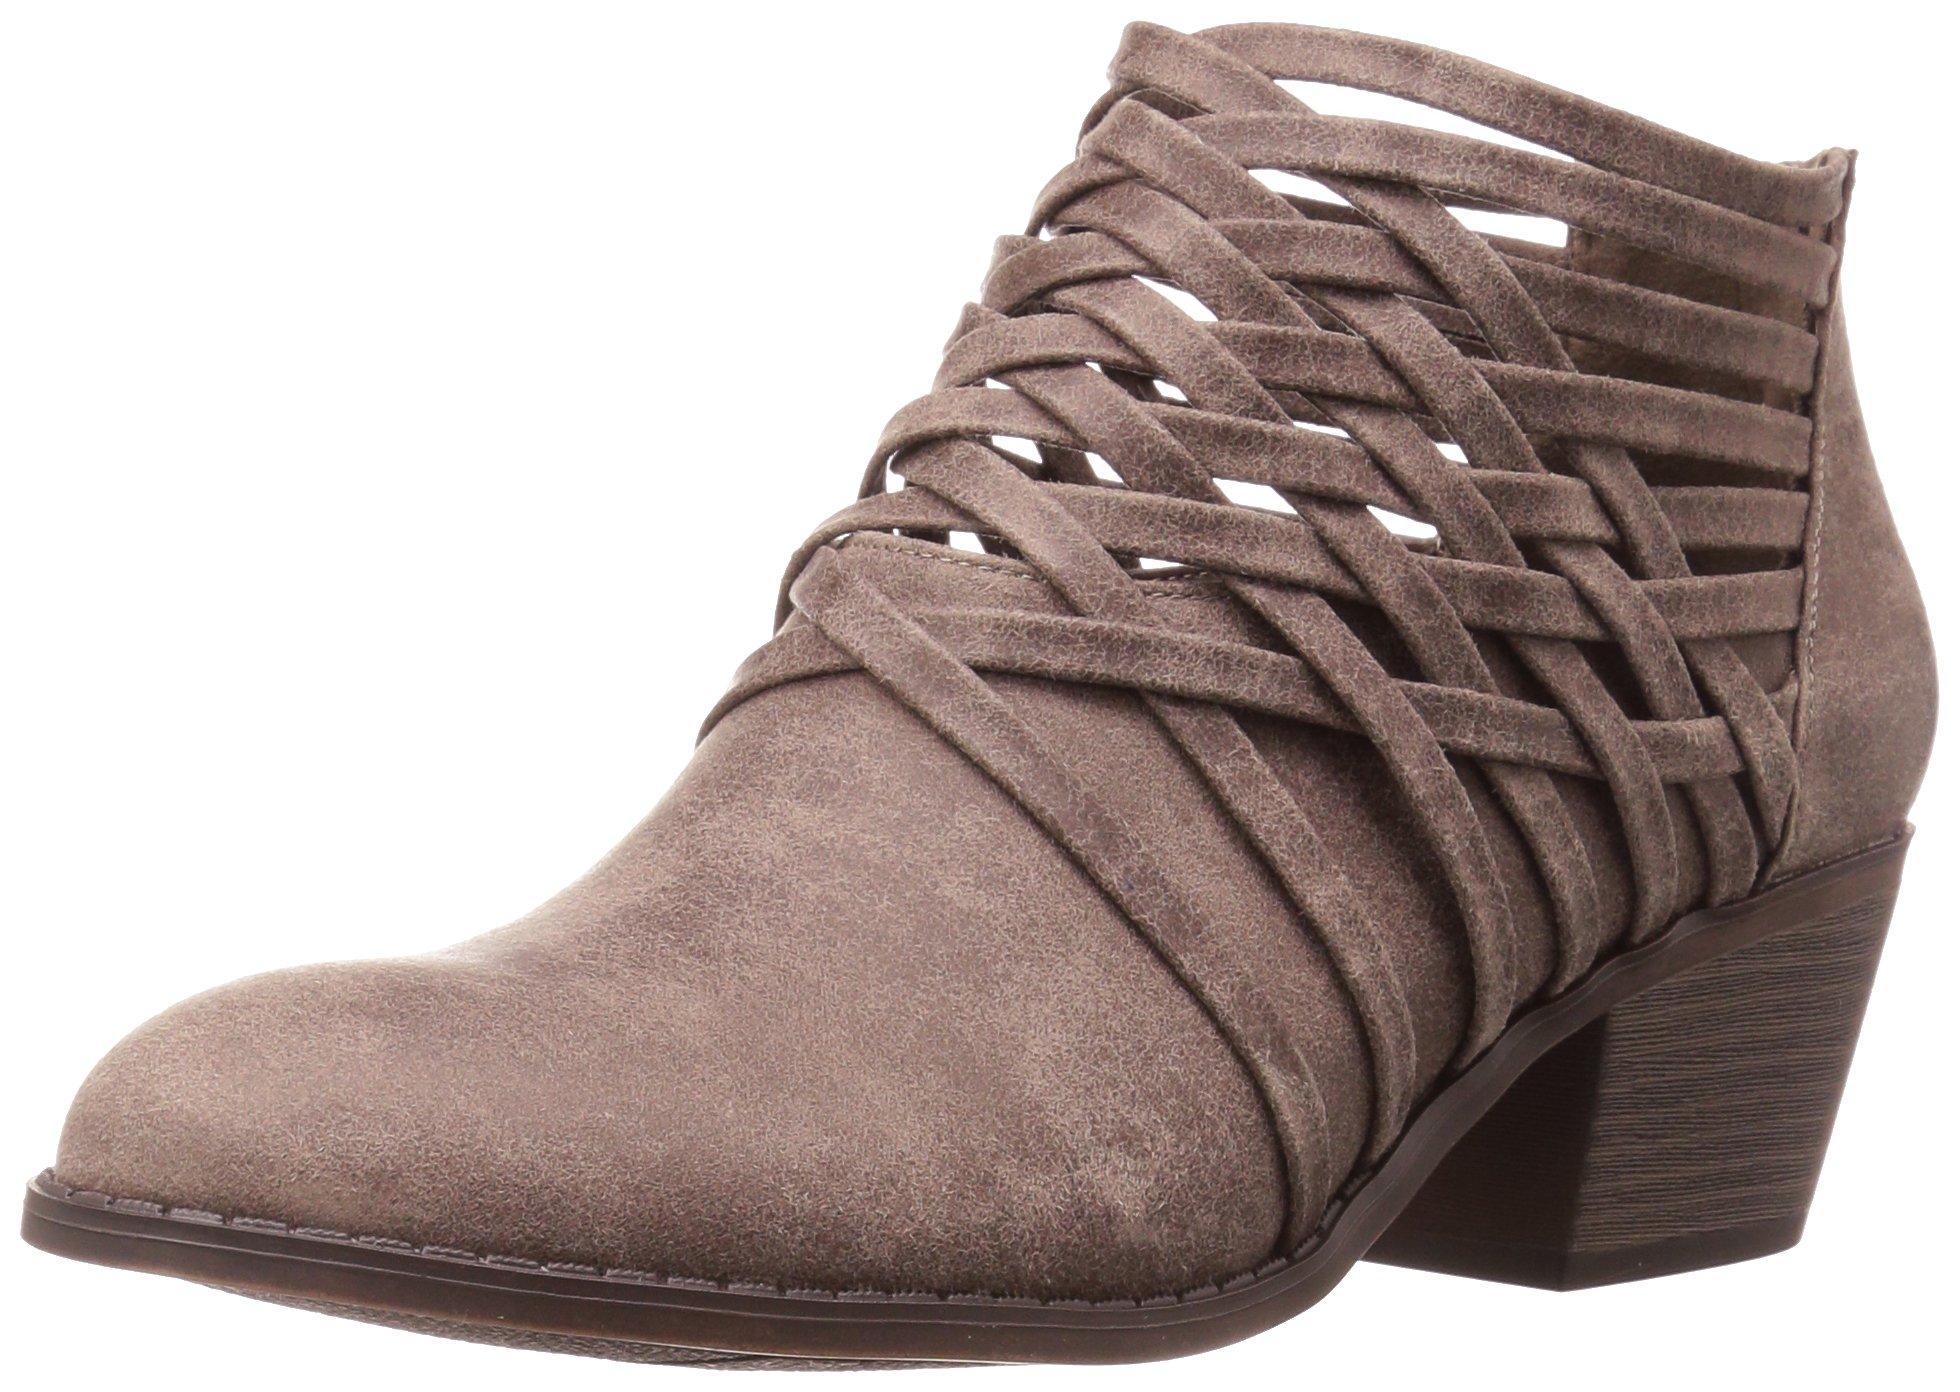 ca153af67989b Fergalicious Women's Bandana Ankle Bootie, DOE, 10 M US